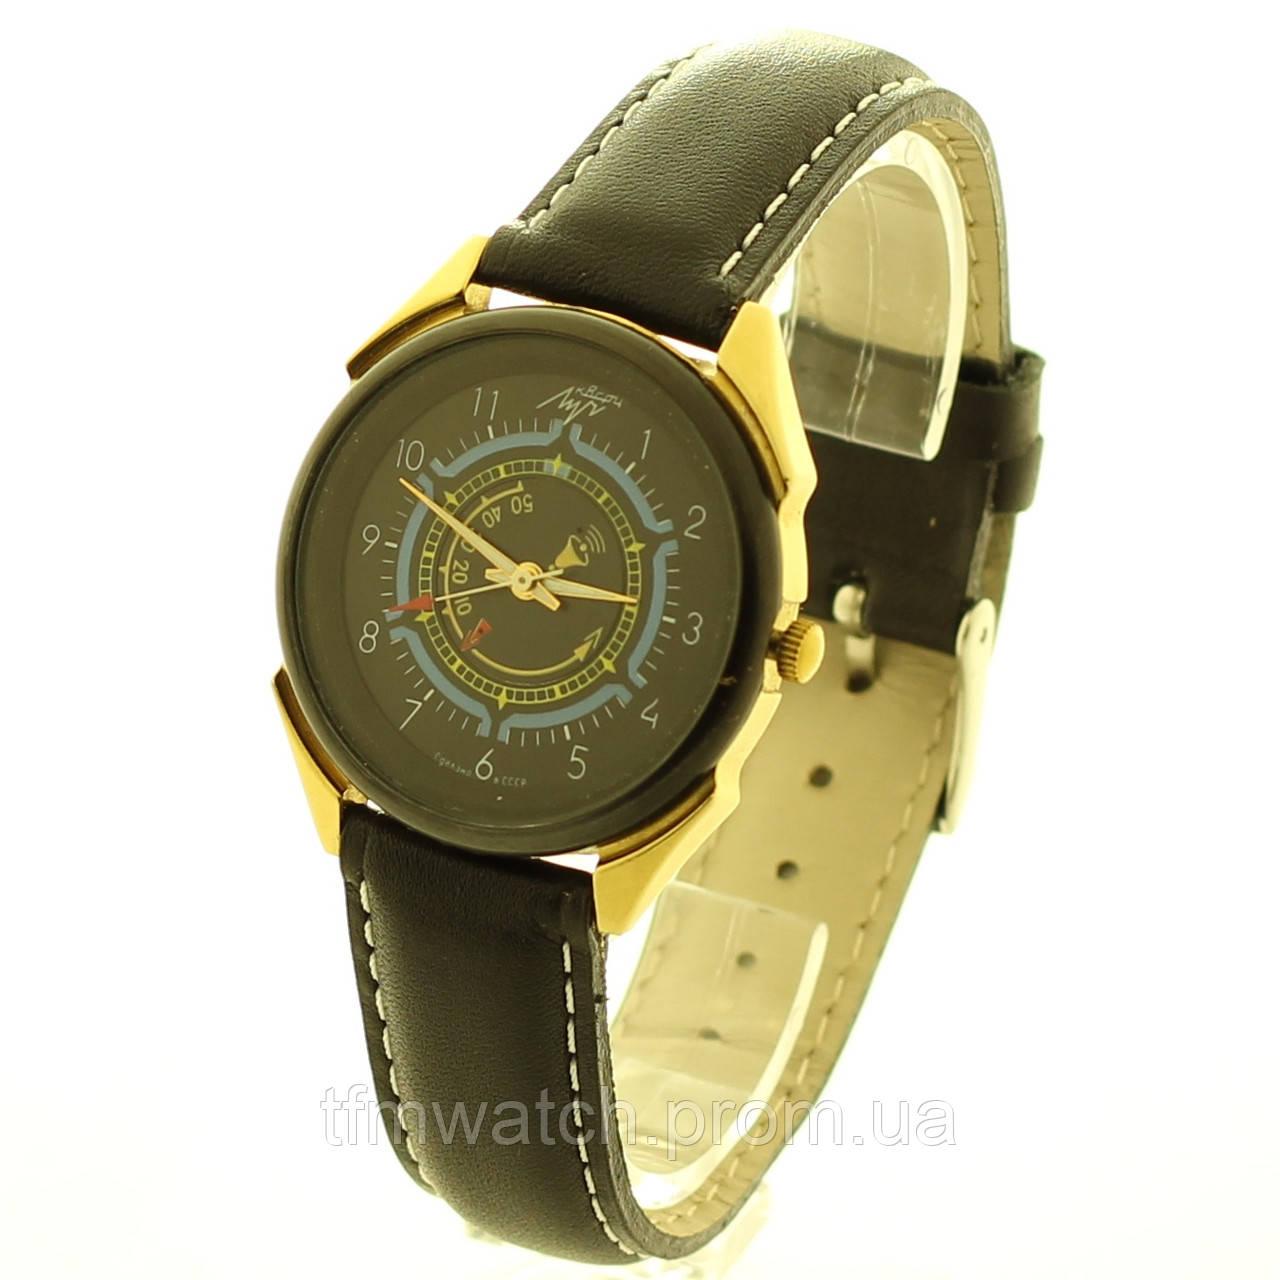 Луч кварц часы с будильником СССР